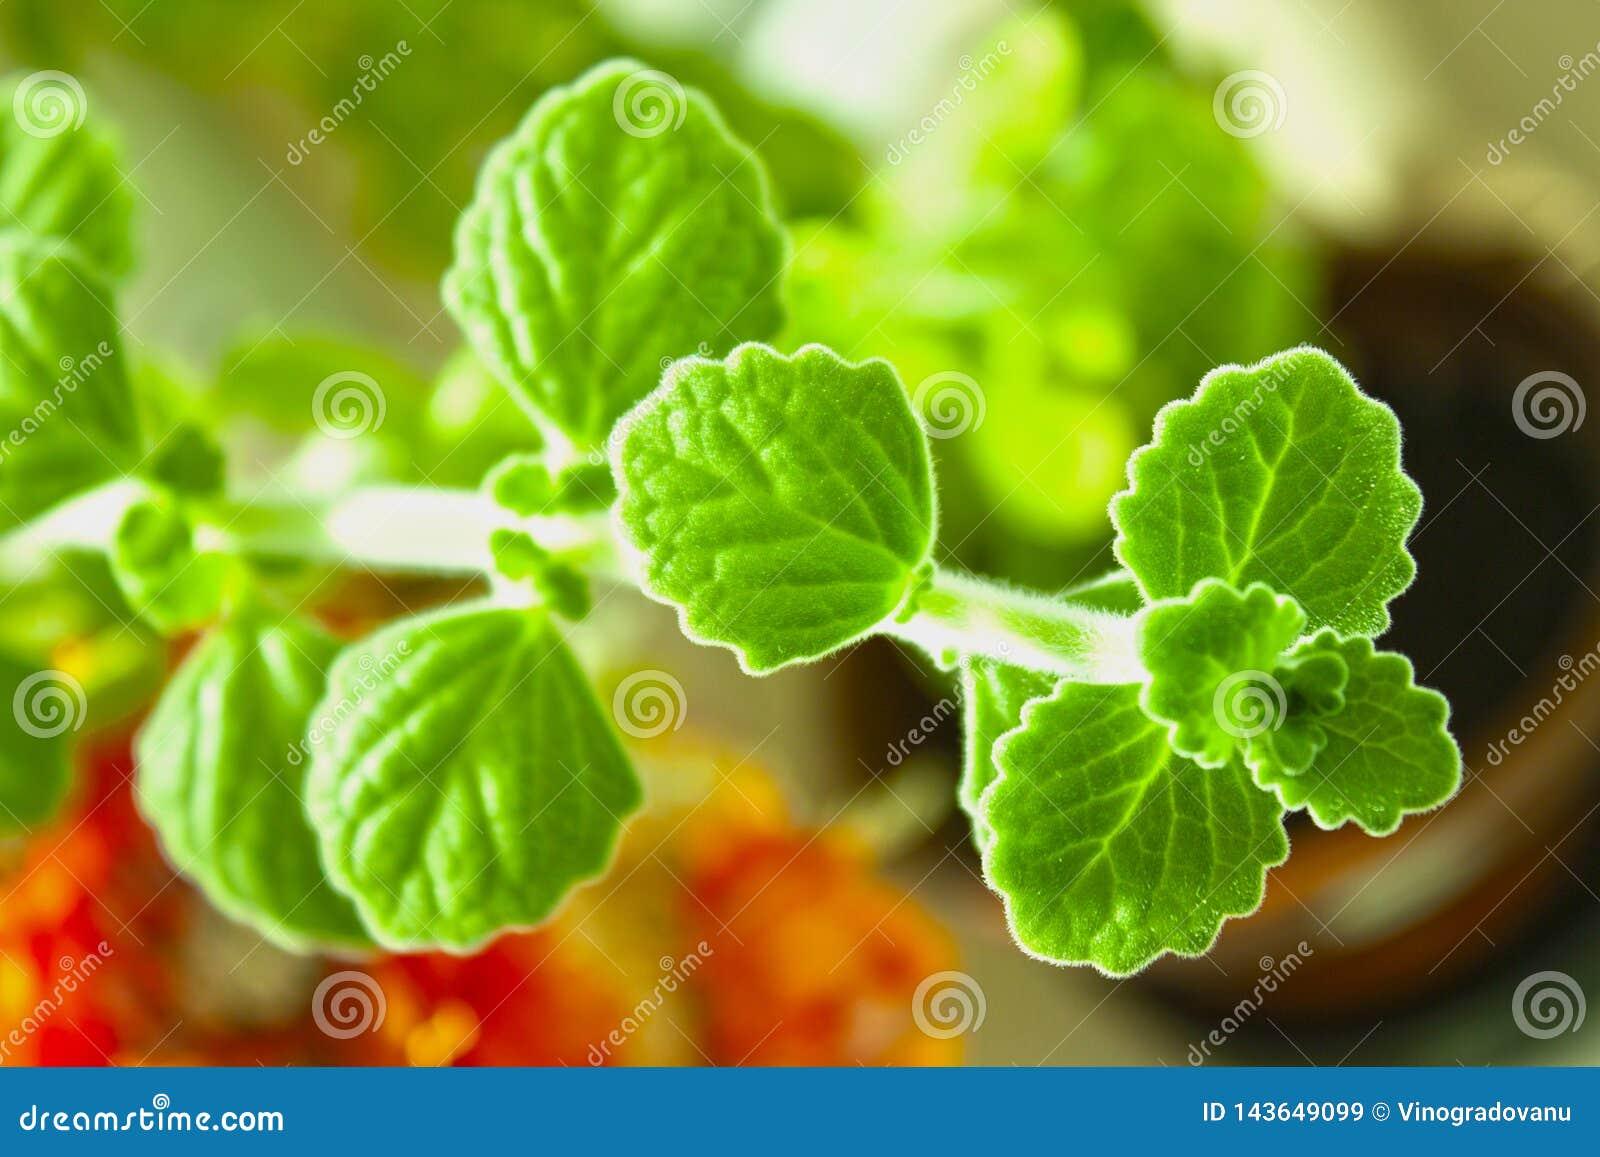 Fruticosus de Plectranthus ou officinalis de Melissa Planta Erva medicinal botany